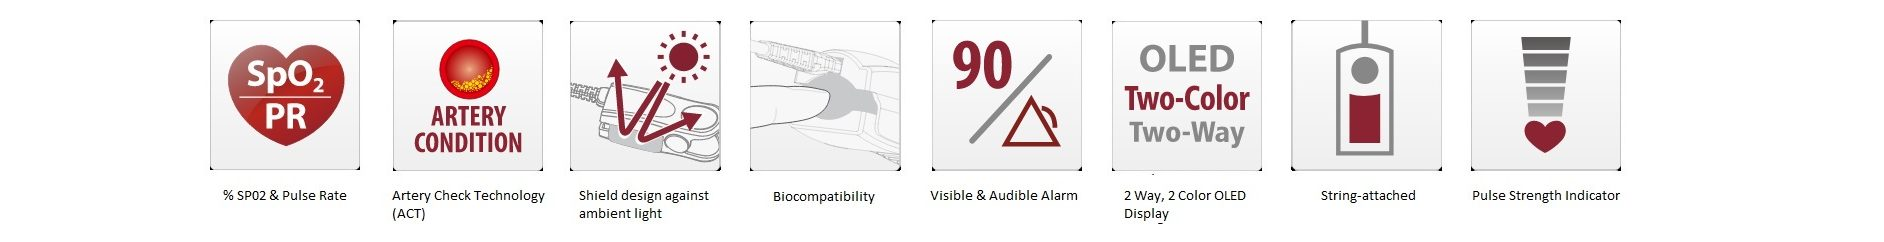 SB200 indicators